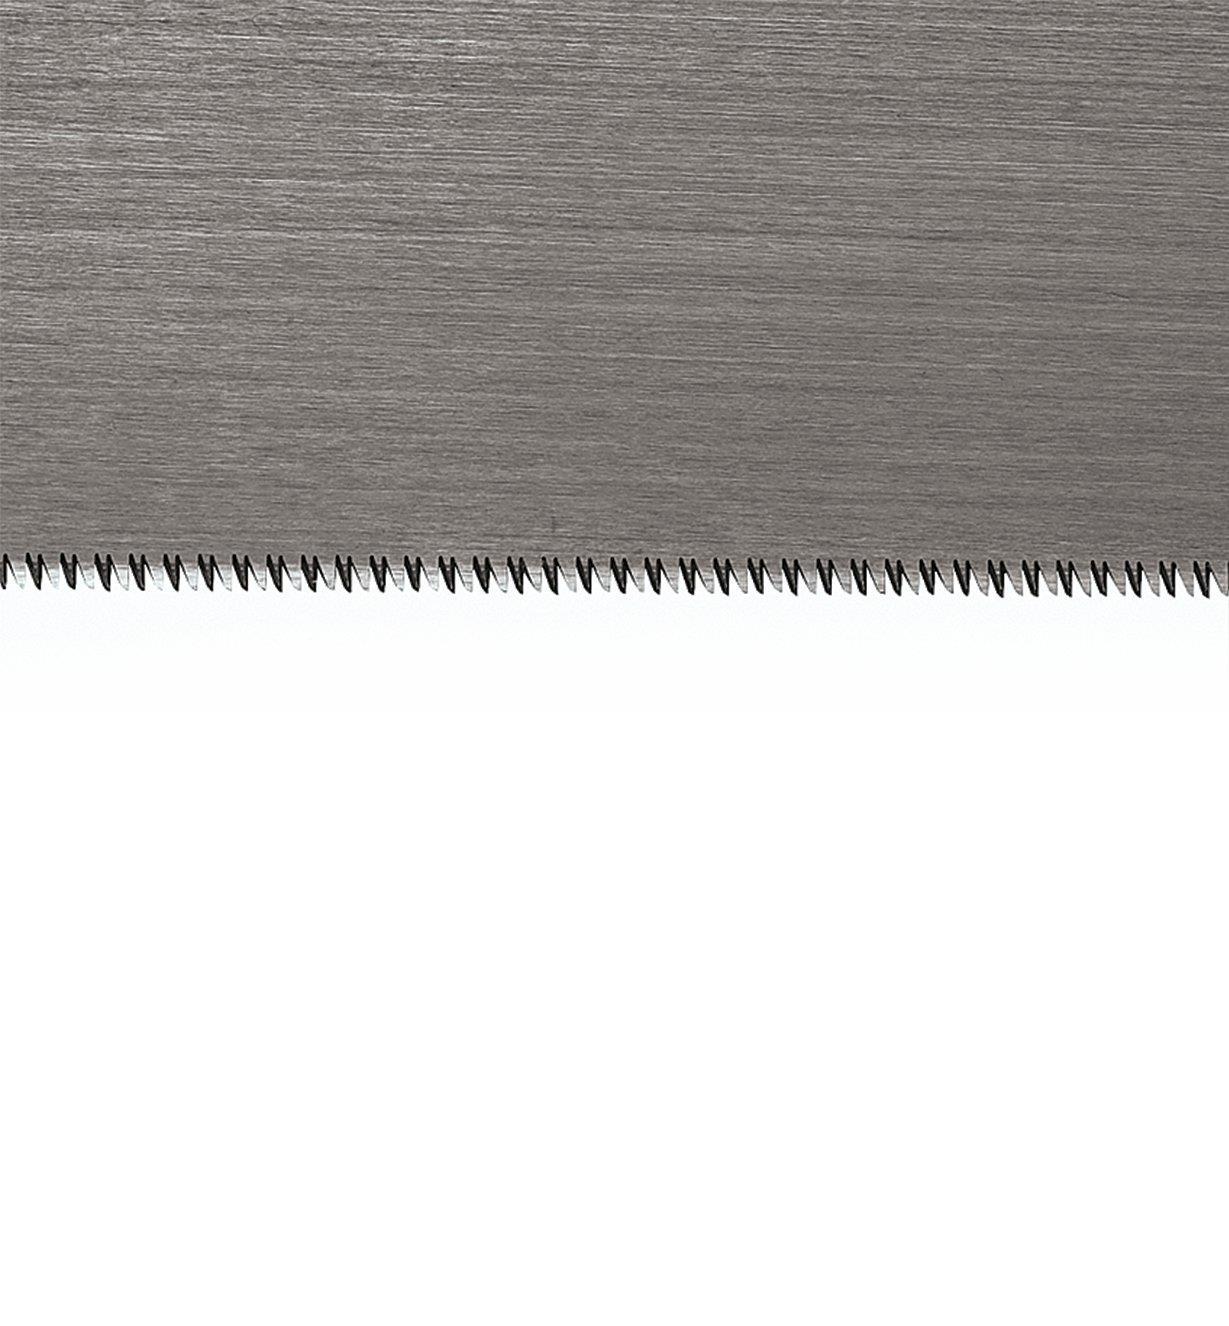 60T0663 - Detail Ryoba Saw